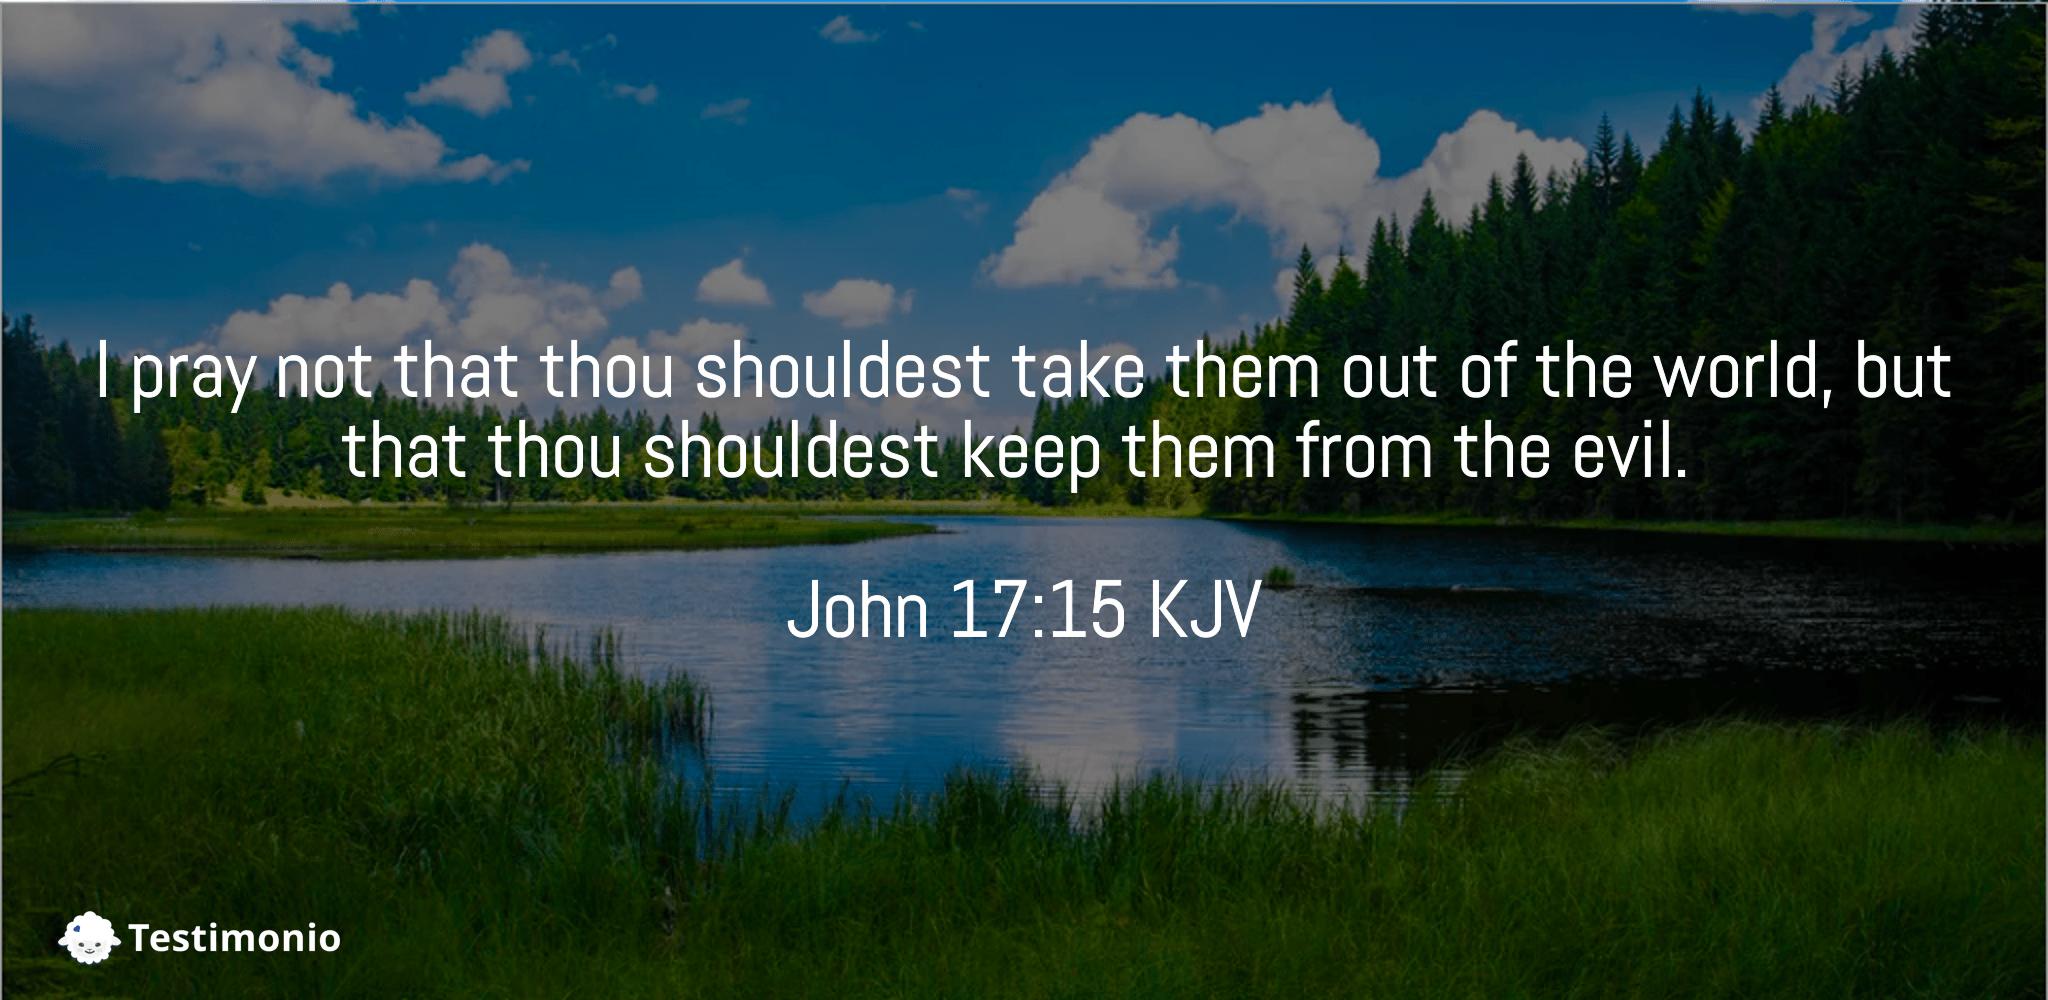 John 17:15